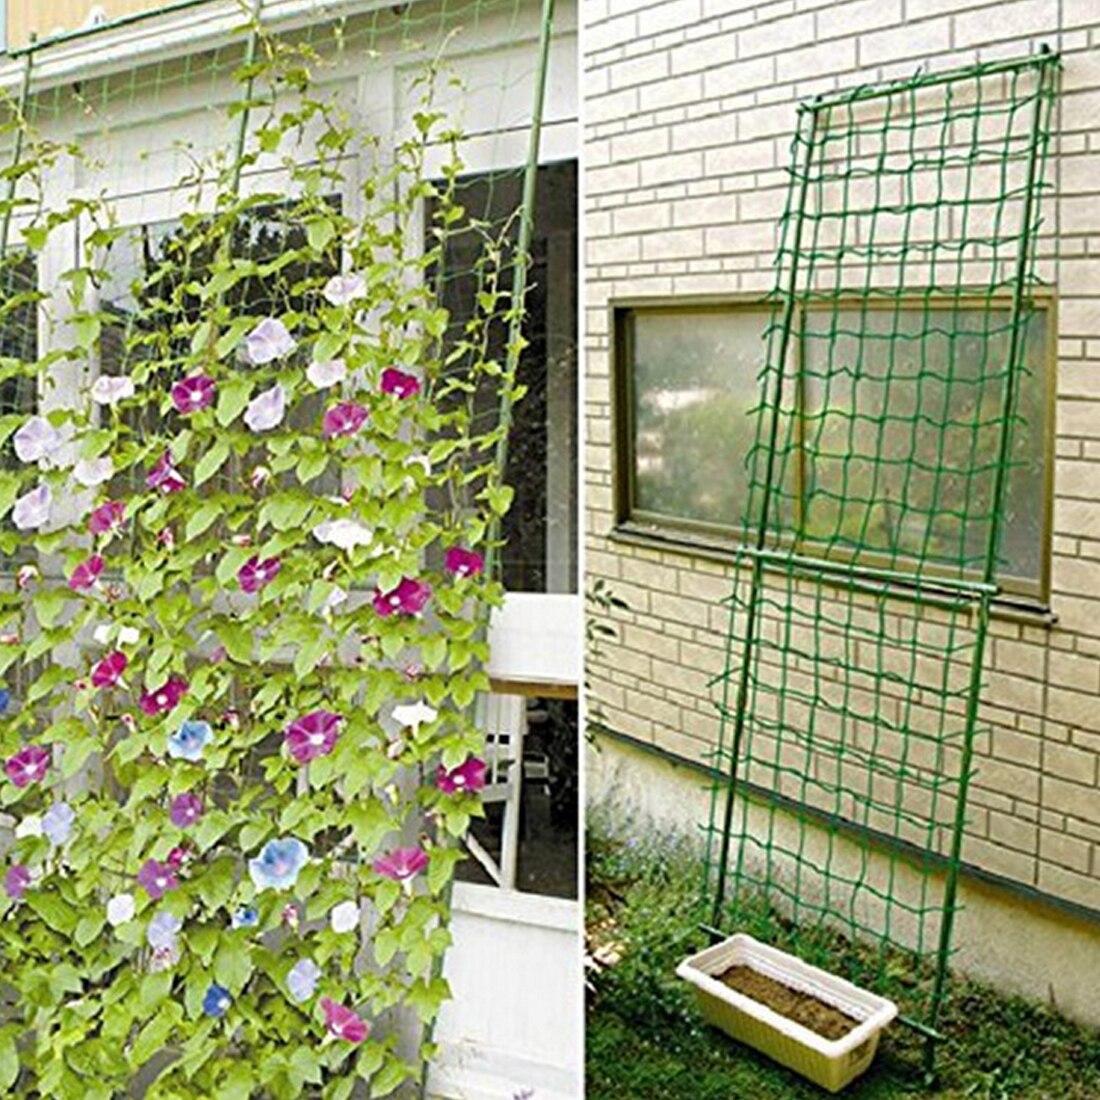 Fechten, Spalier & Tore Herzhaft 1,8 Mt Grün Großhandel Garten Zaun Mesh Pflanze Reben Klettern Net Garten Dekoration Garten Net Vogel Netto